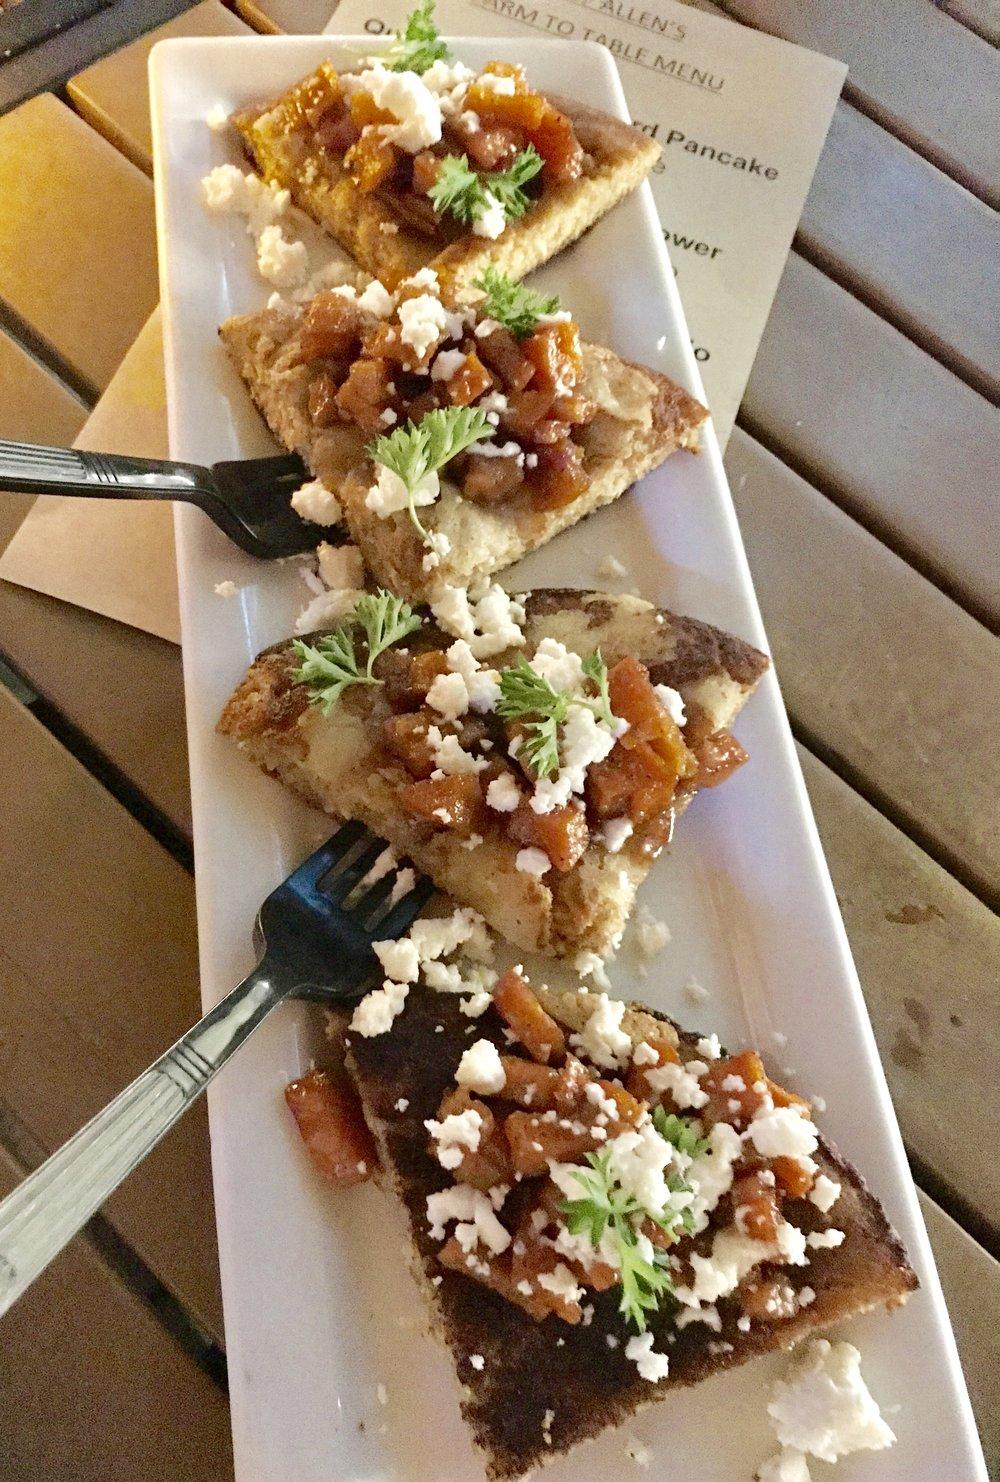 Quinoa pancake Chef Allen Susser Dinner